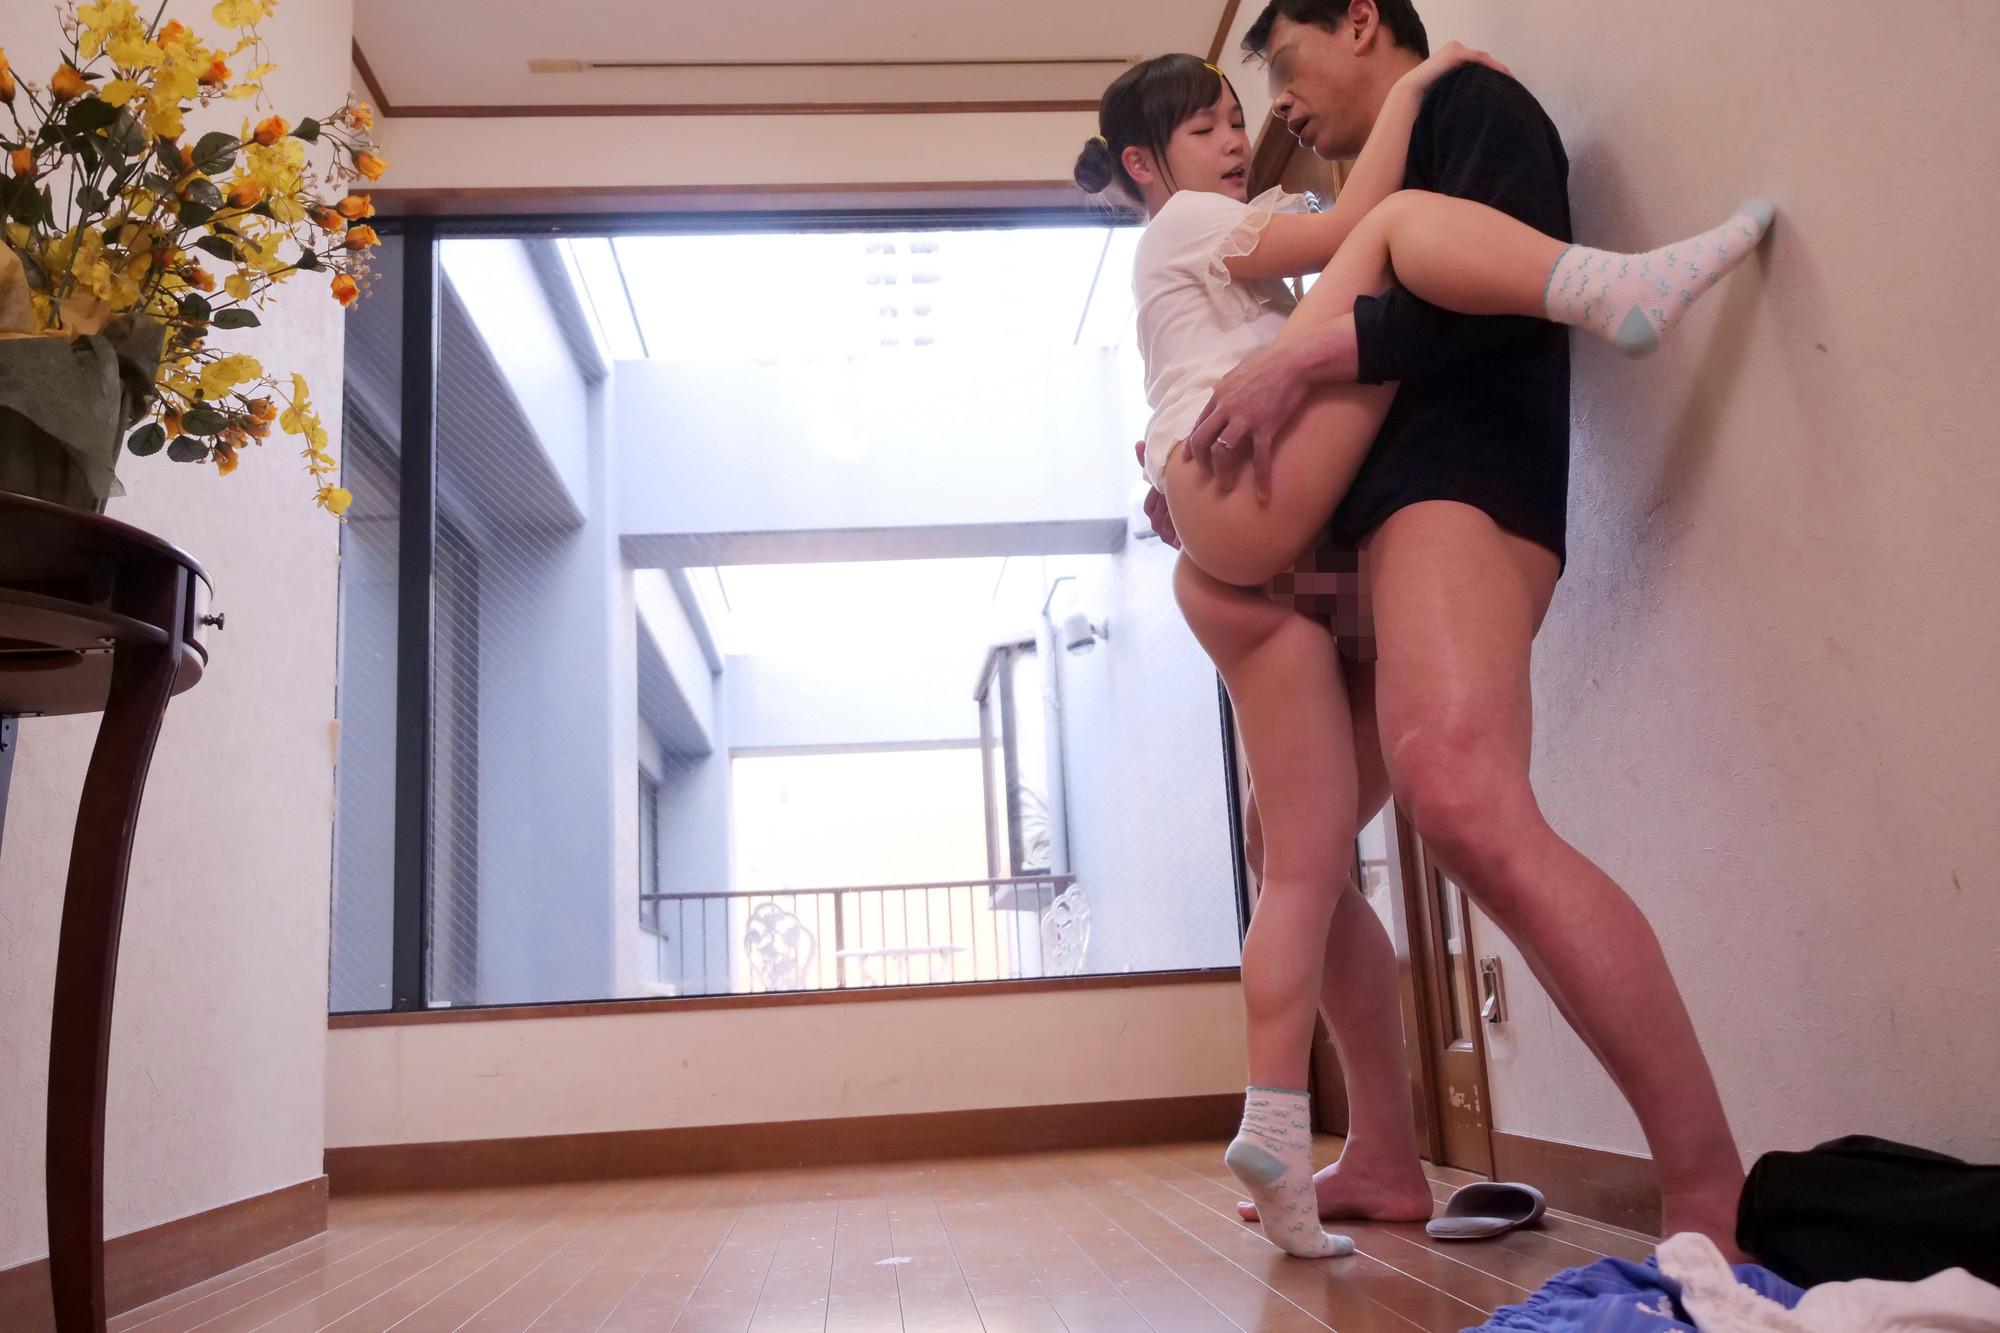 「パパの赤ちゃんが欲しいの!」小さすぎる連れ子とパパのいびつな愛の日常、そして中出しへと・・・ ららちゃん 画像16